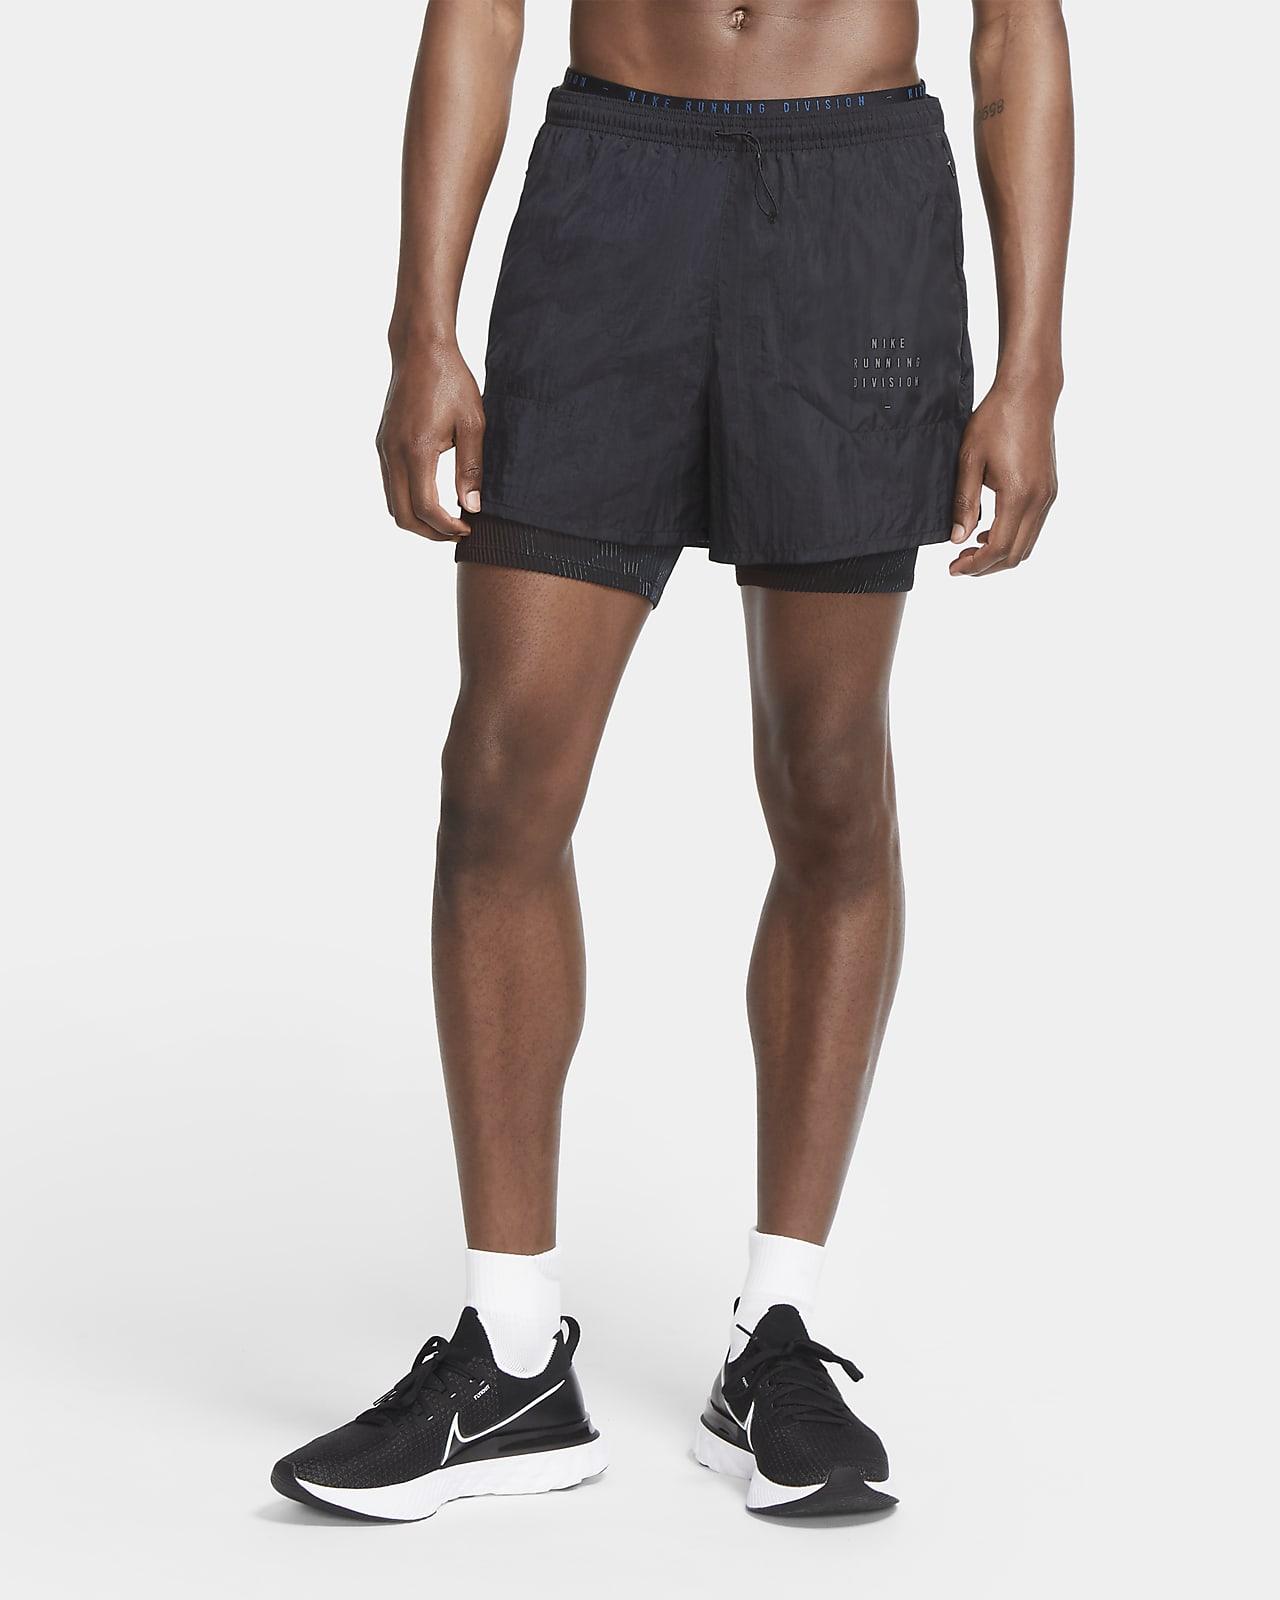 Shorts de running 3 en 1 para hombre Nike Run Division